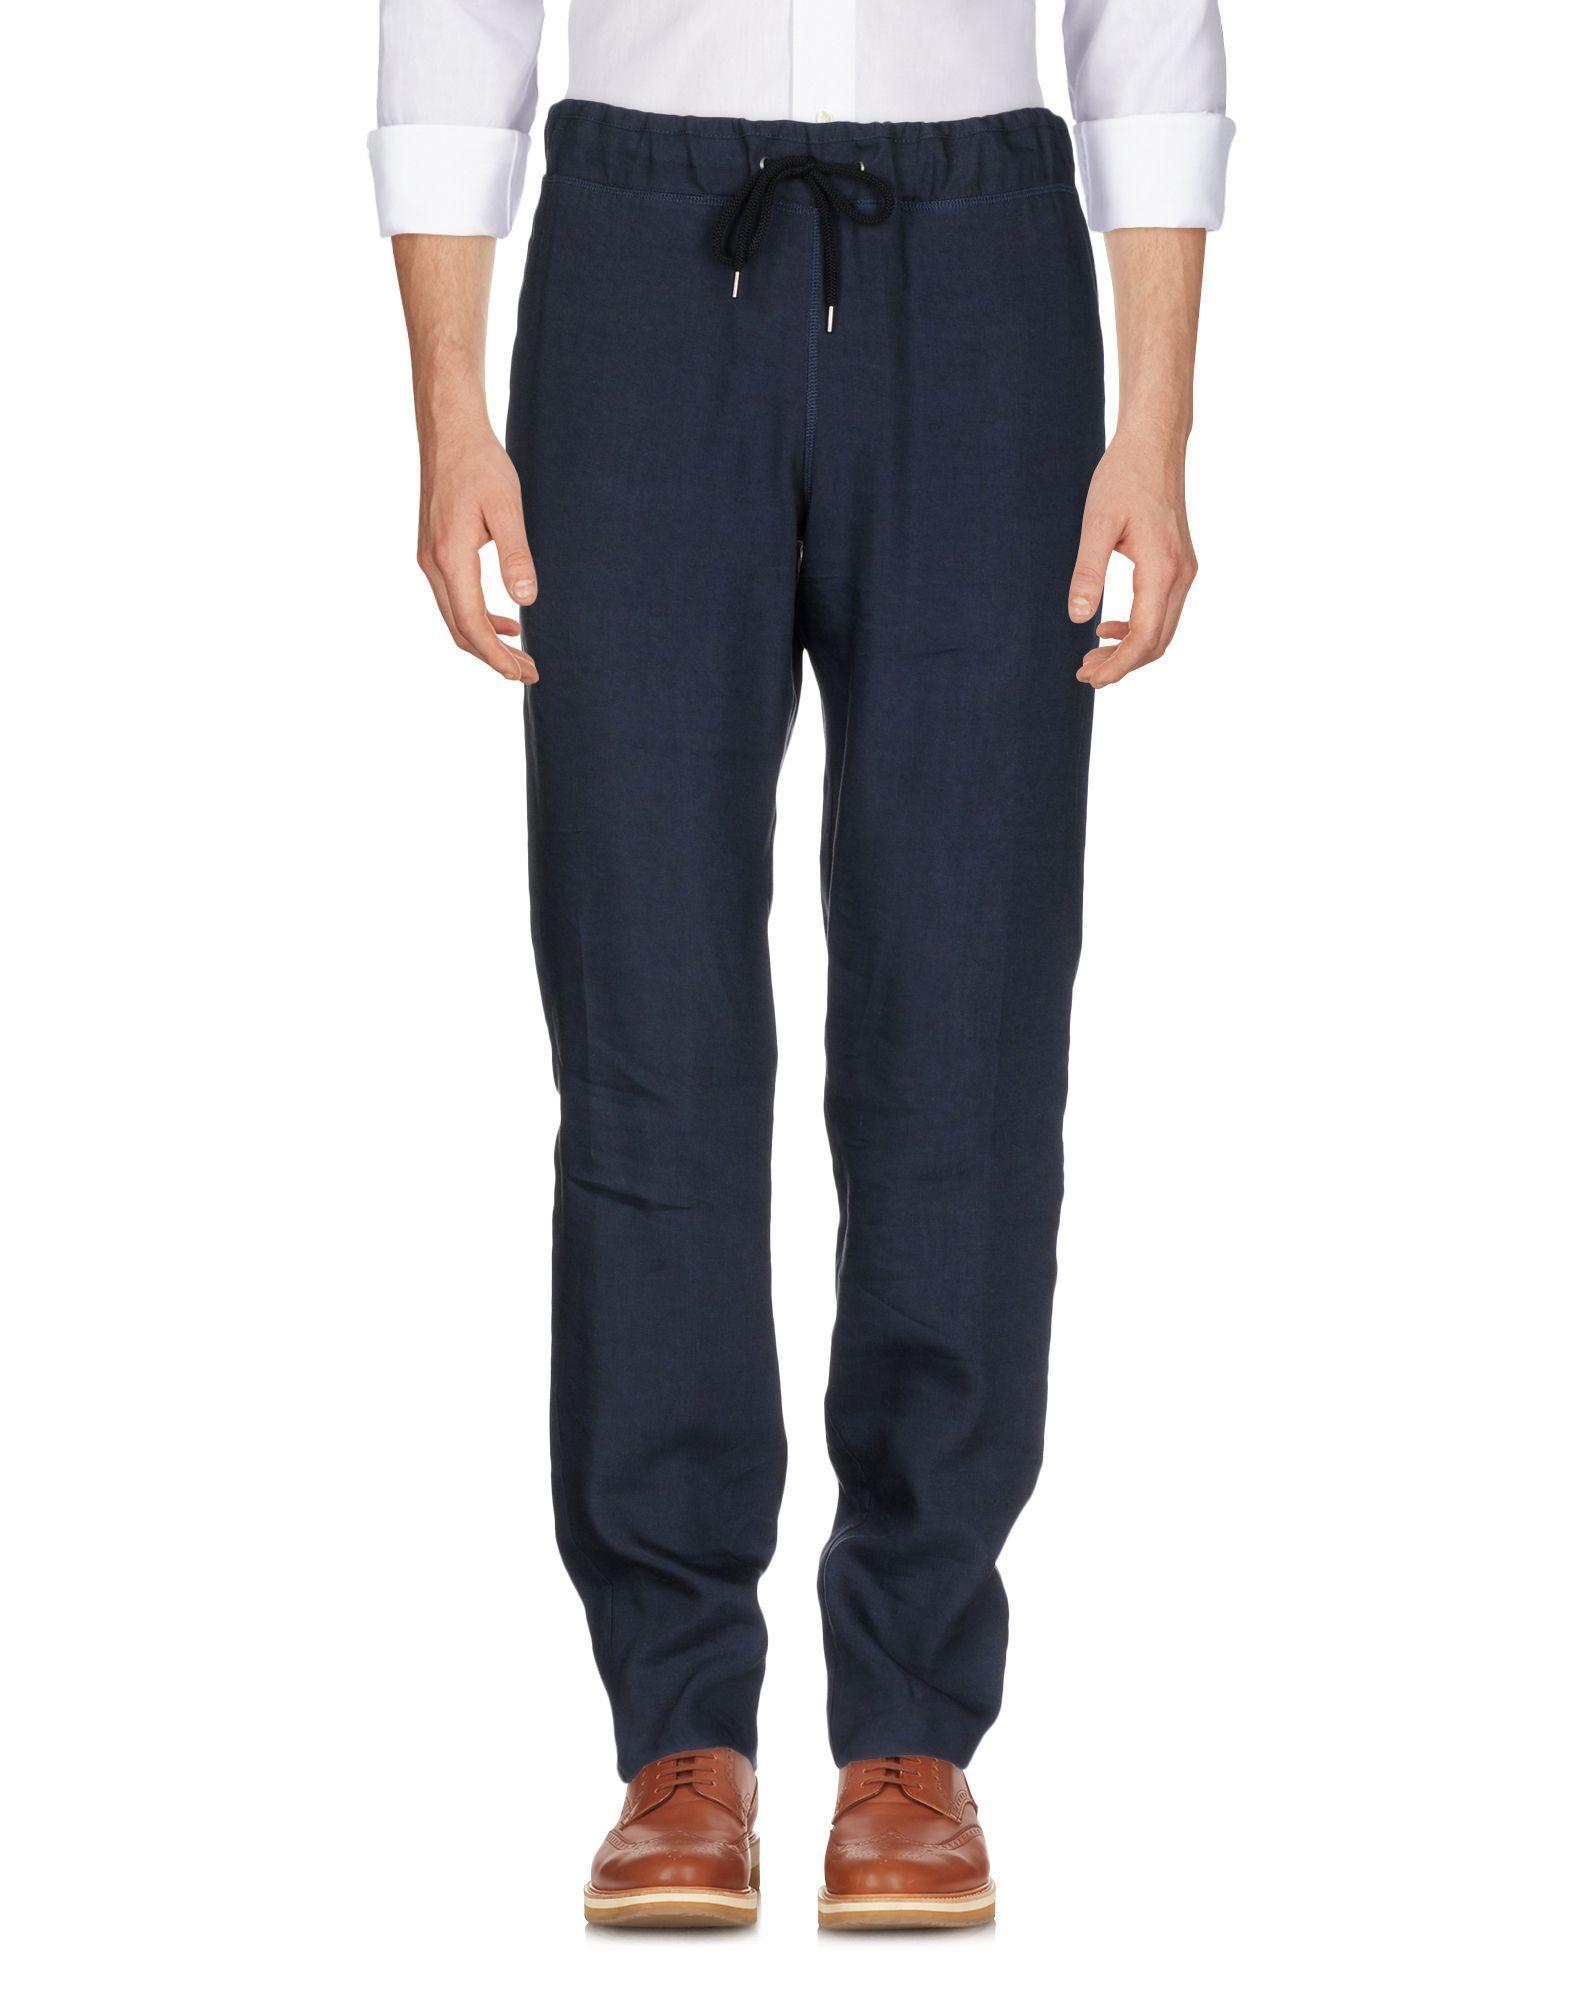 Giorgio Armani Casual Pants In Dark Blue